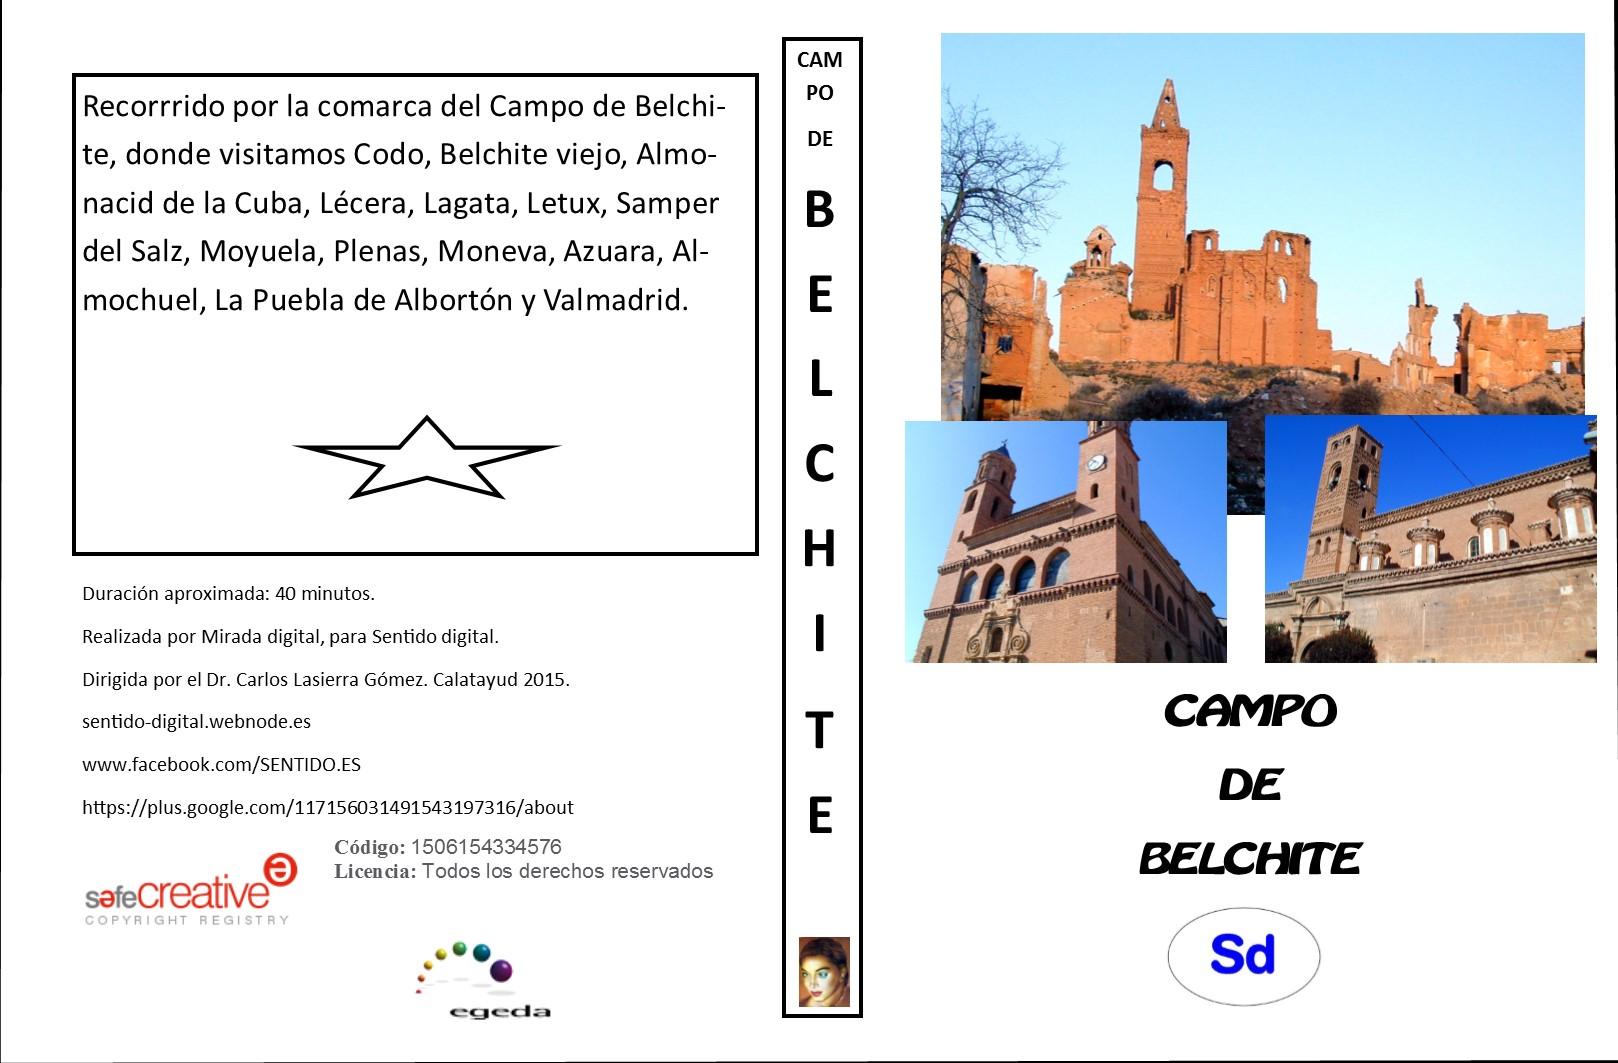 Campo de Belchite